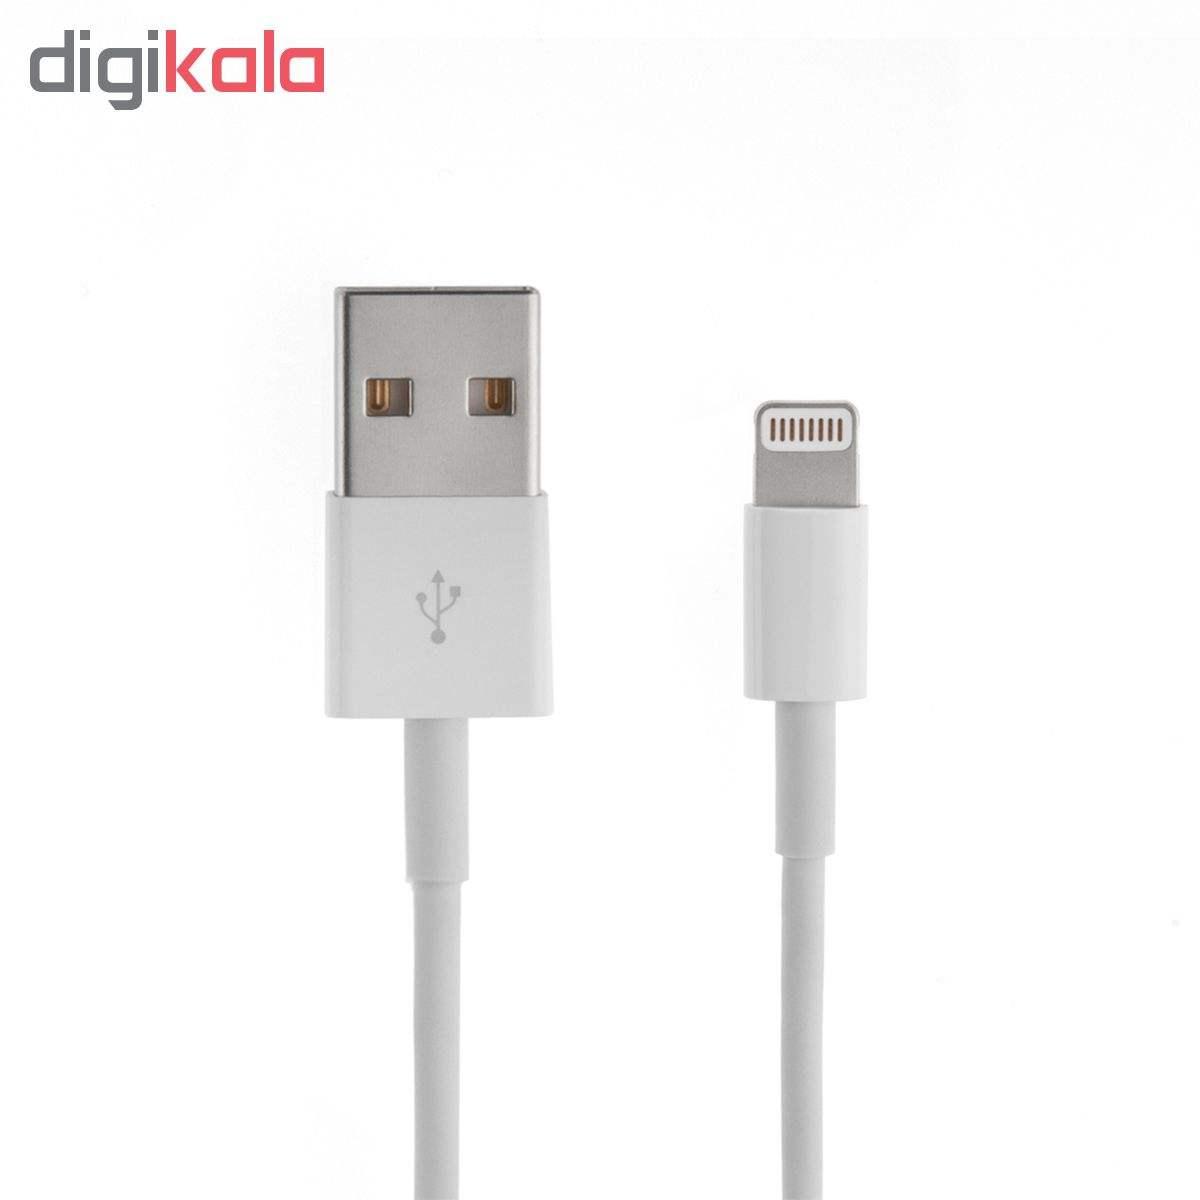 کابل تبدیل USB به لایتنینگ مدل MD818 طول 1متر main 1 1